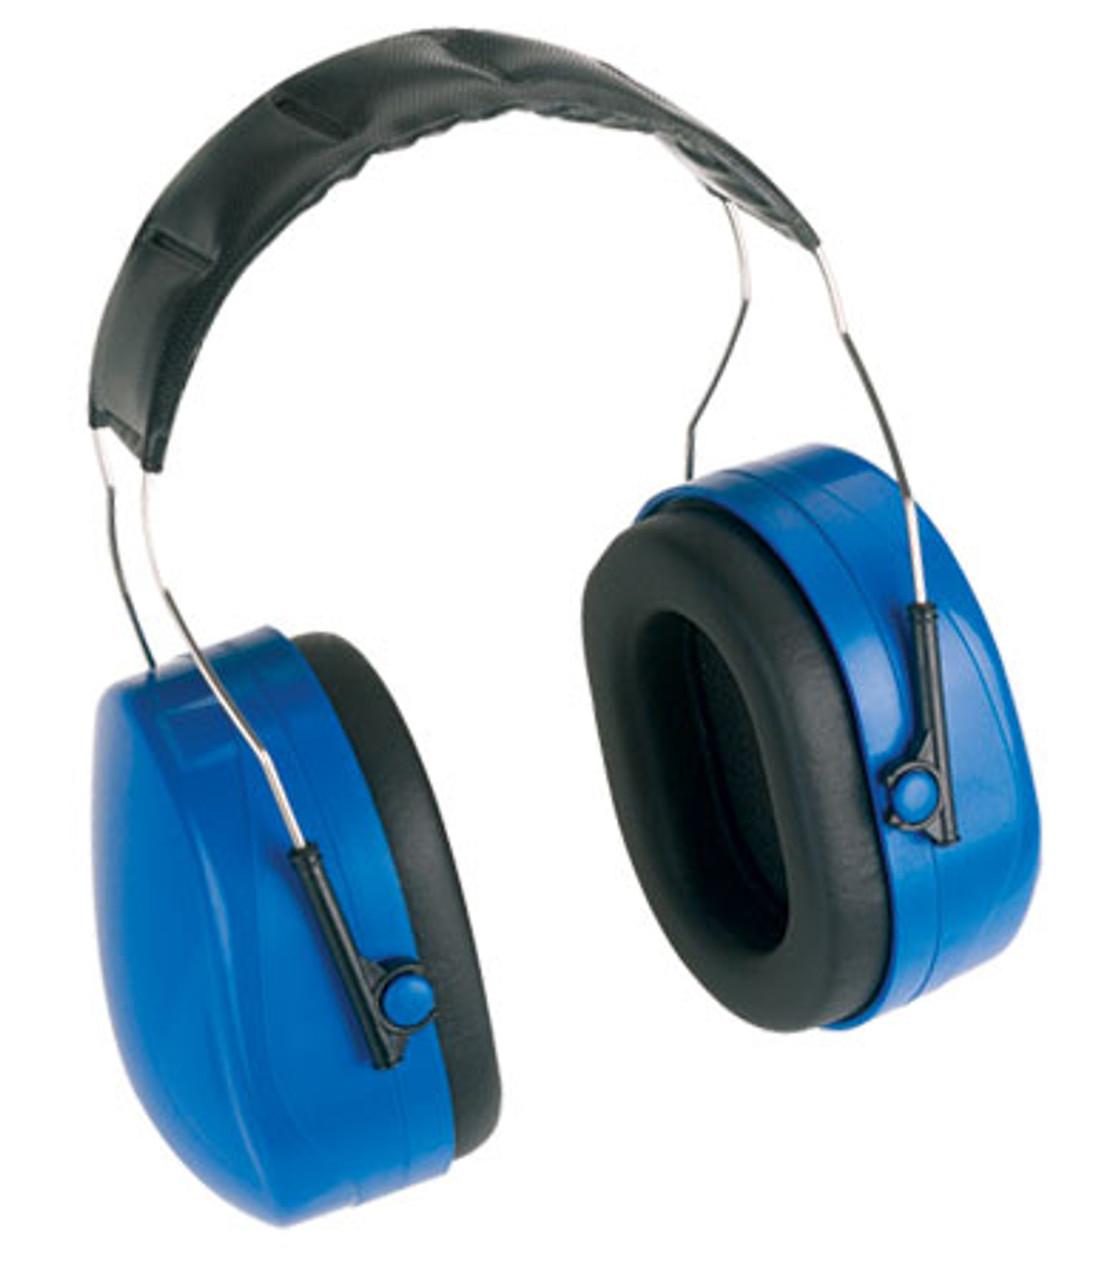 Lone Star Extreme Ear Muffs, Blue, NRR 24, Padded Foam Headband,